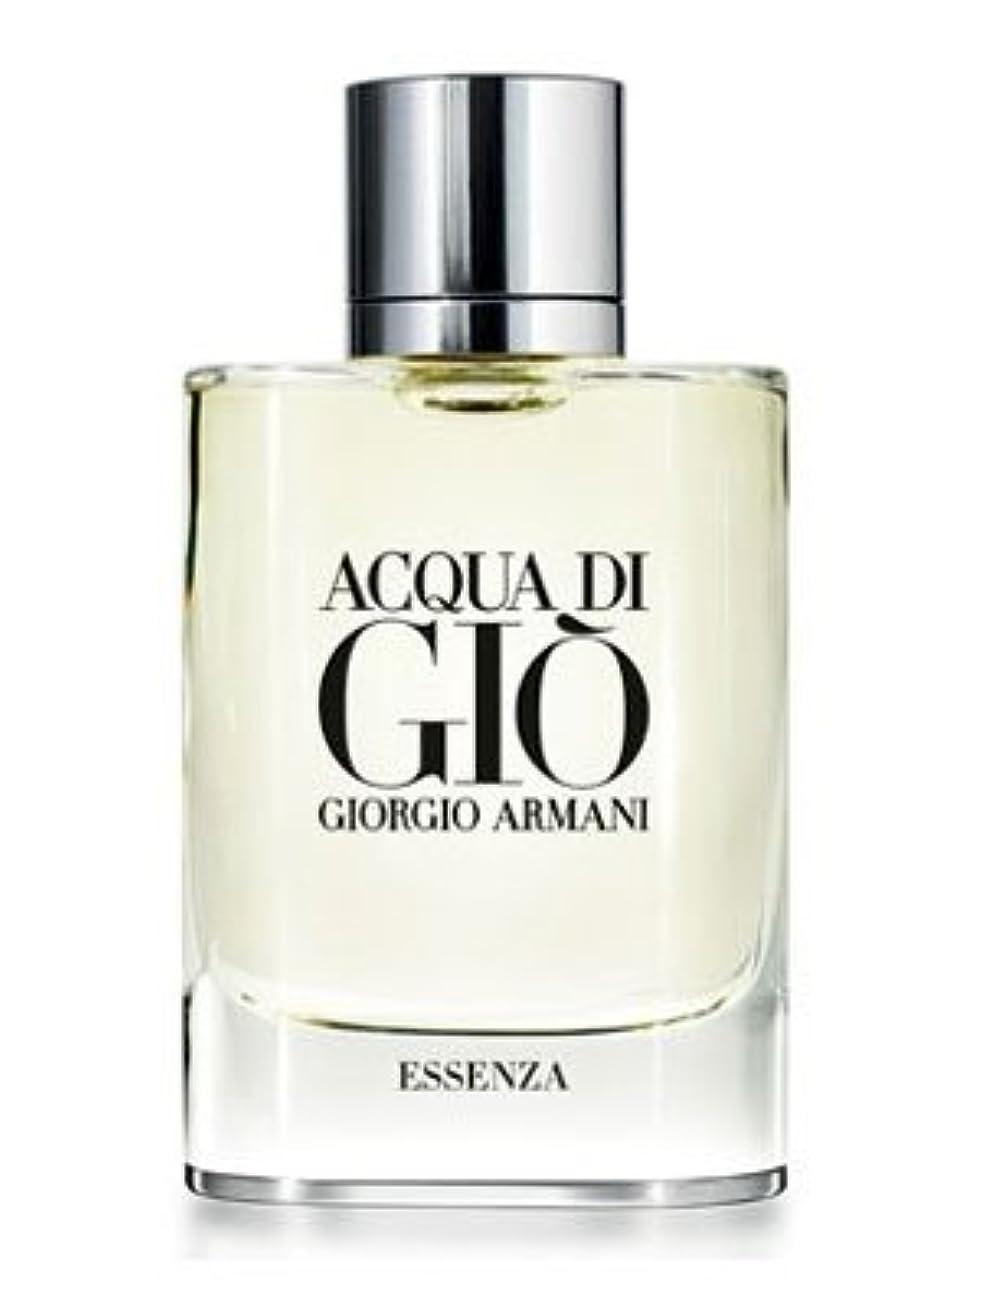 クラッチ確認してくださいパンAcqua Di Gio Essenza (アクア デ ジオ エッセンツァ) 2.5 oz (75ml) EDP Spray for Men